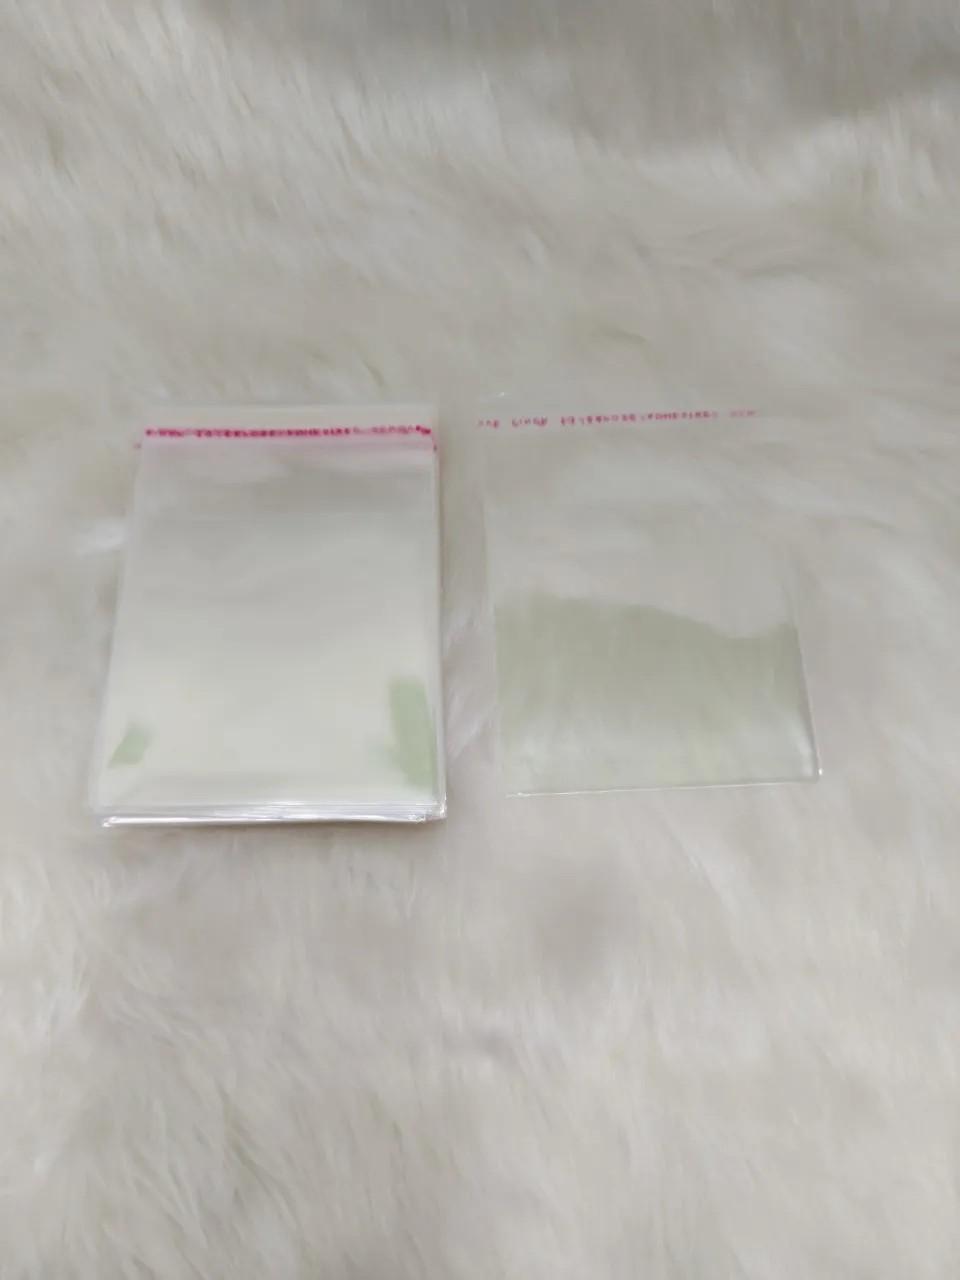 Saquinhos plástico adesivado 8x8 pacote com 1000 unidades